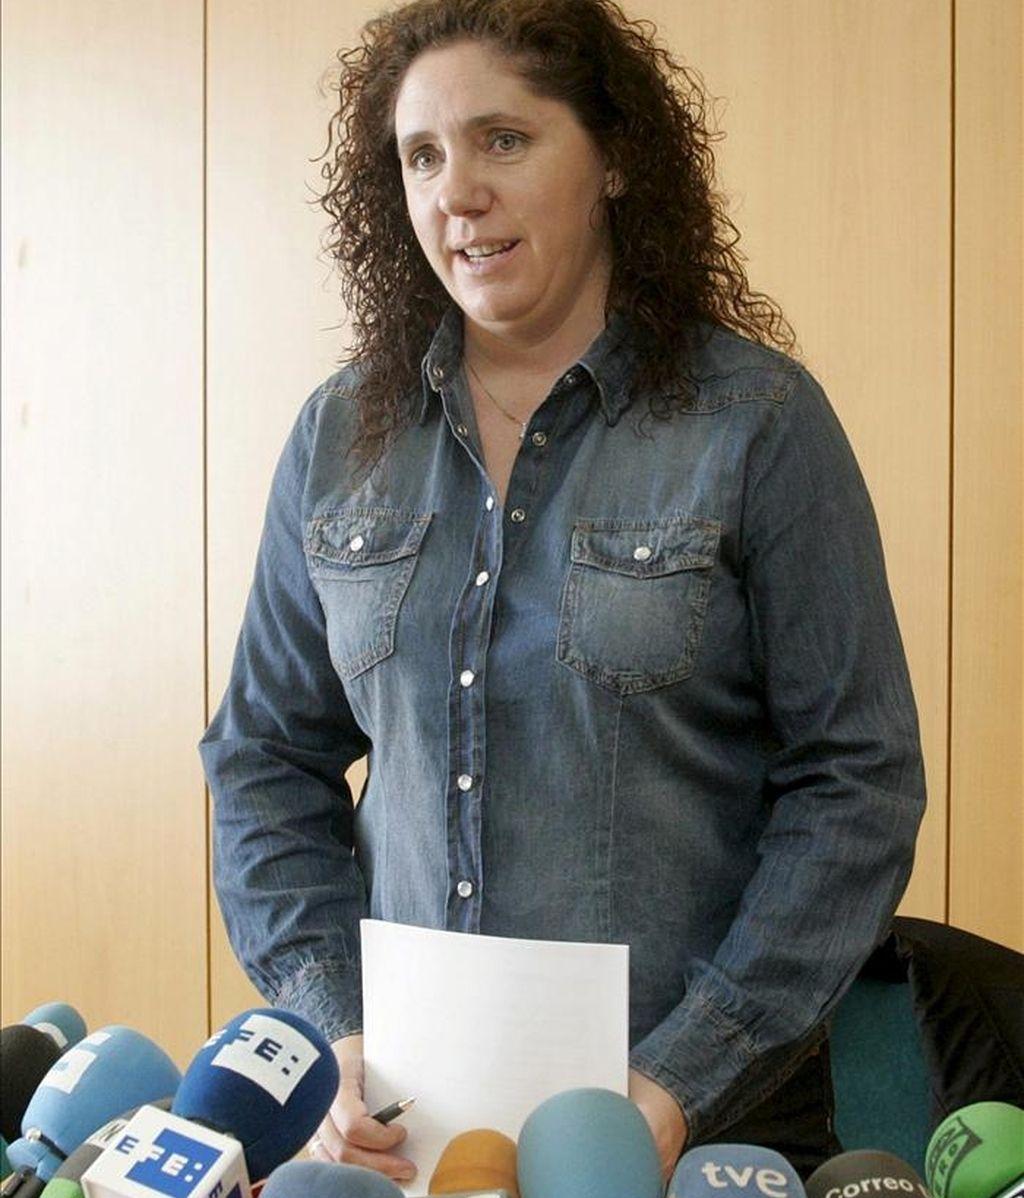 """Rosa Arcos, hermana de la desaparecida hace quince años María José Arcos, durante la rueda de prensa que ofreció el pasado día 12 de abril de 2011, en la que reclamó a la Guardia Civil que busque el cuerpo de su hermana en las fincas del imputado en este caso, R.V., puesto que """"esa teoría es mucho más consistente que las otras opciones"""" barajadas por la propia familia. EFE/Archivo"""